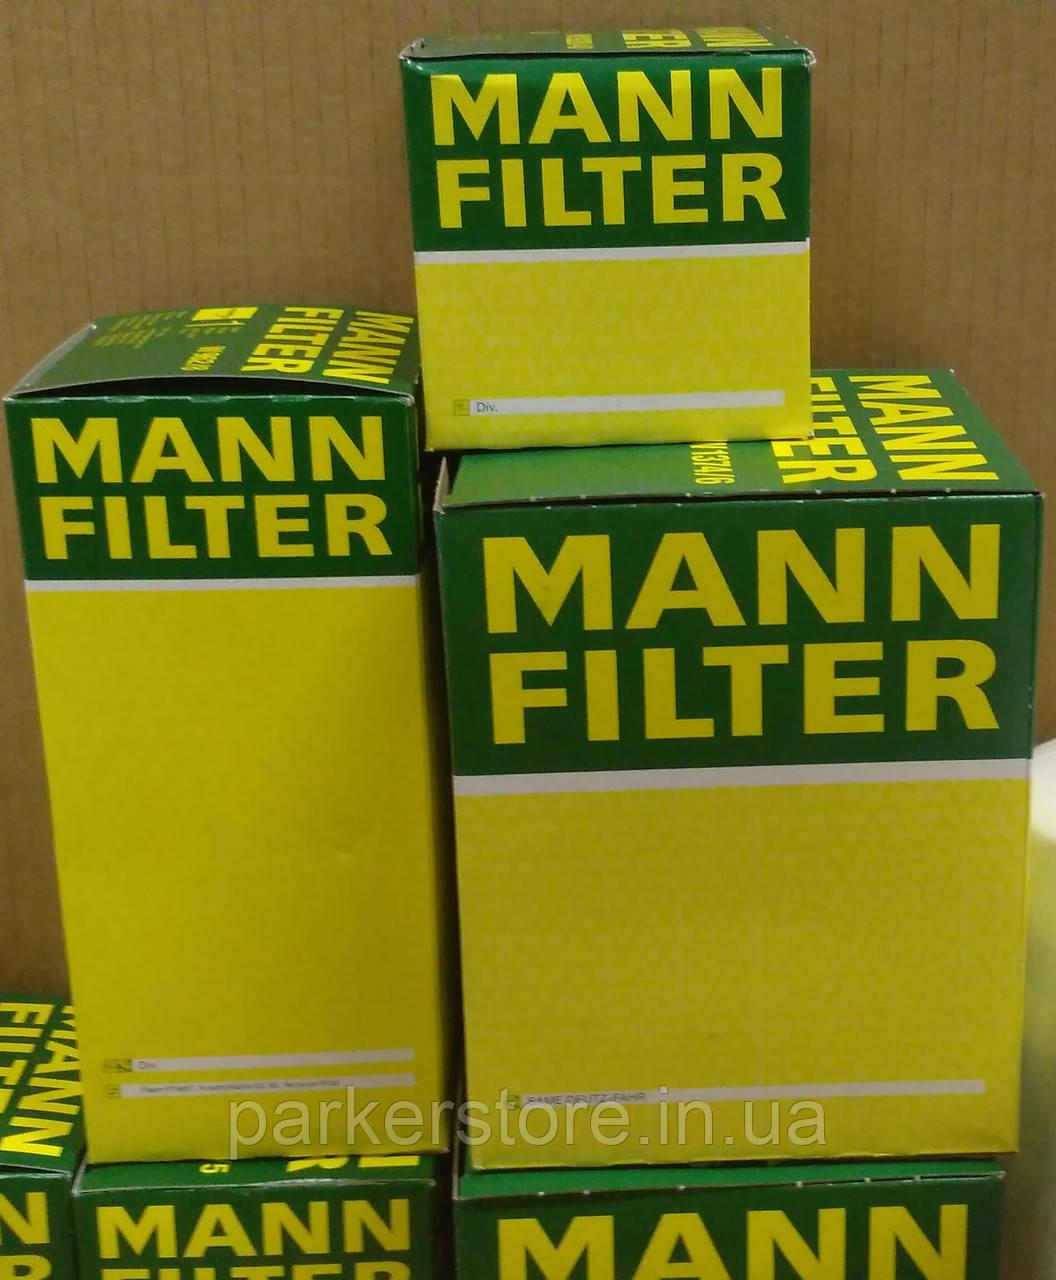 MANN FILTER / Повітряний фільтр / C 16 210 / C16210